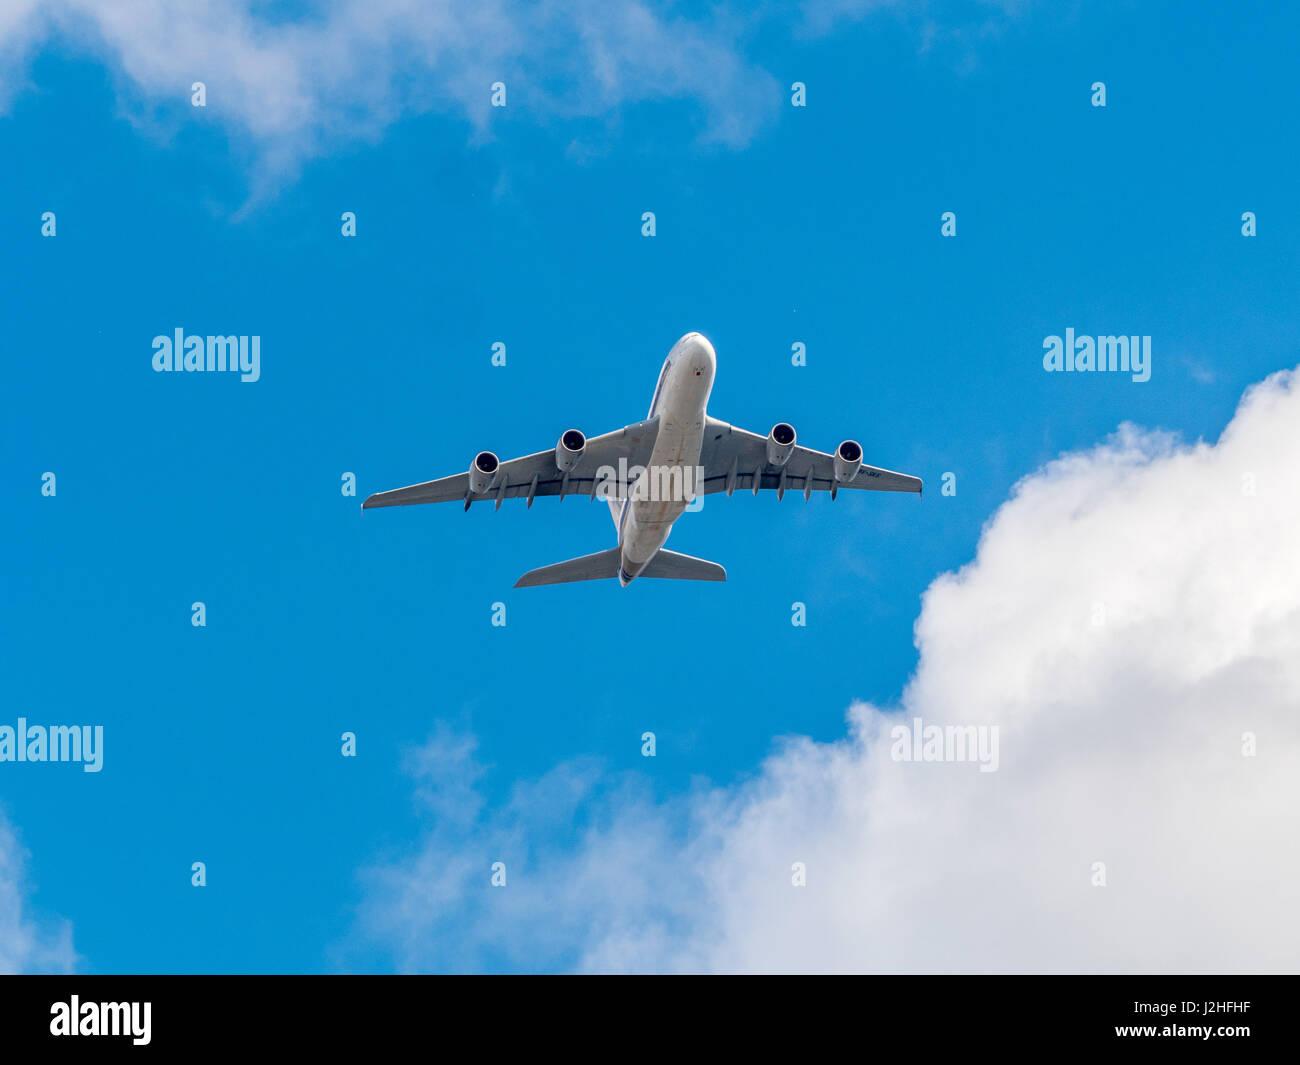 Passeggeri a getto piano contro il cielo blu con nuvole visto dal di sotto. Immagini Stock